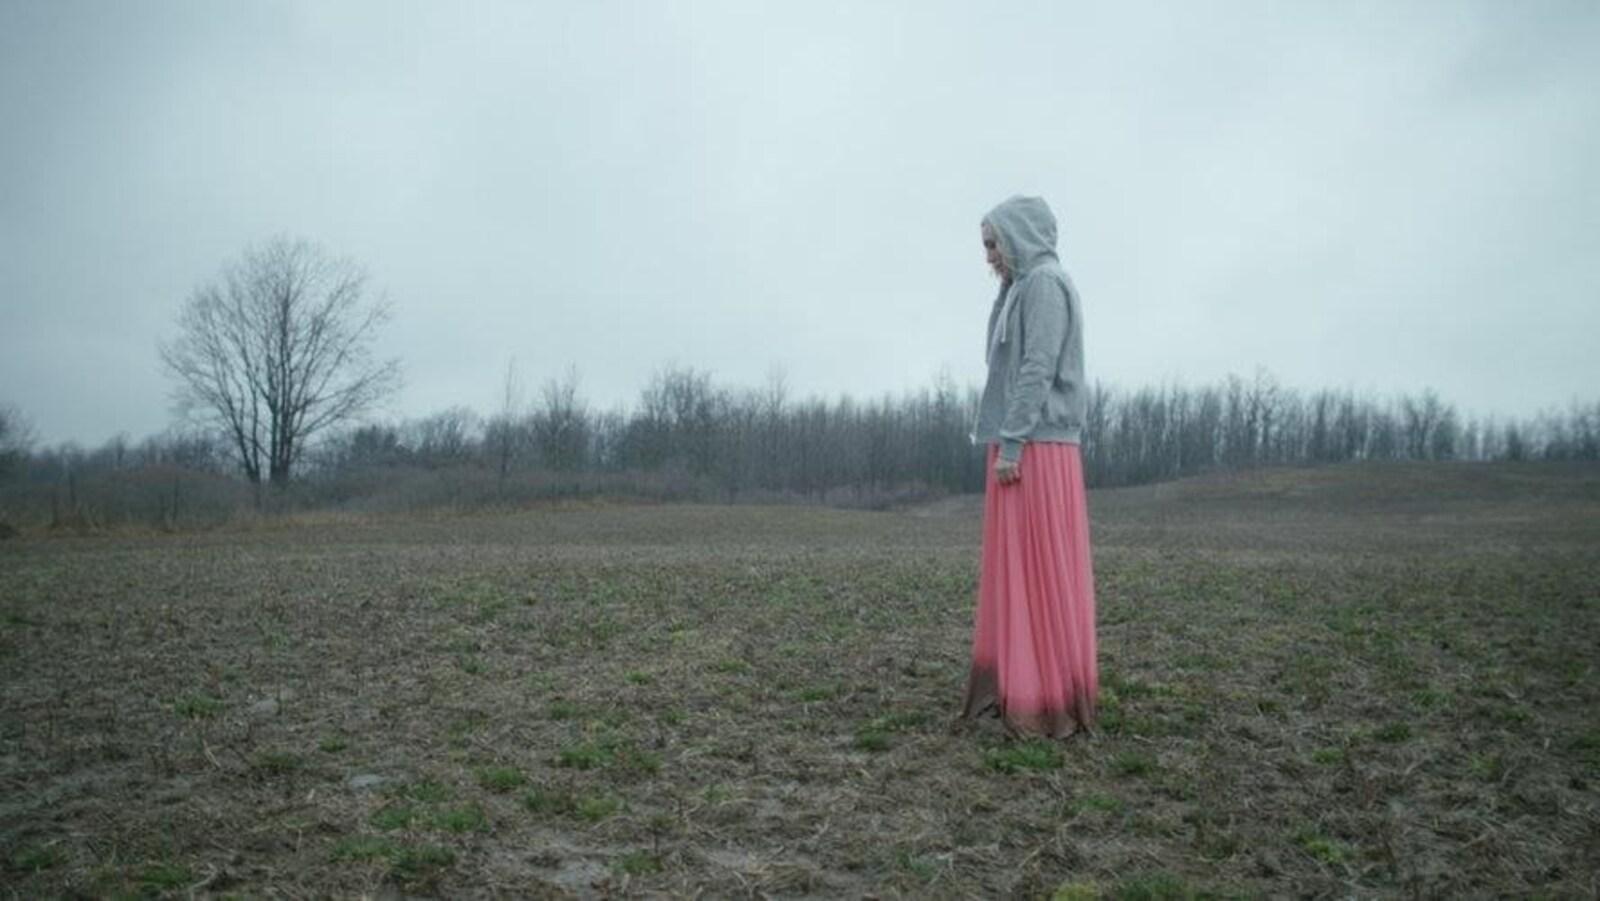 Une femme avec une robe rose est debout dans un champ gris et terne.